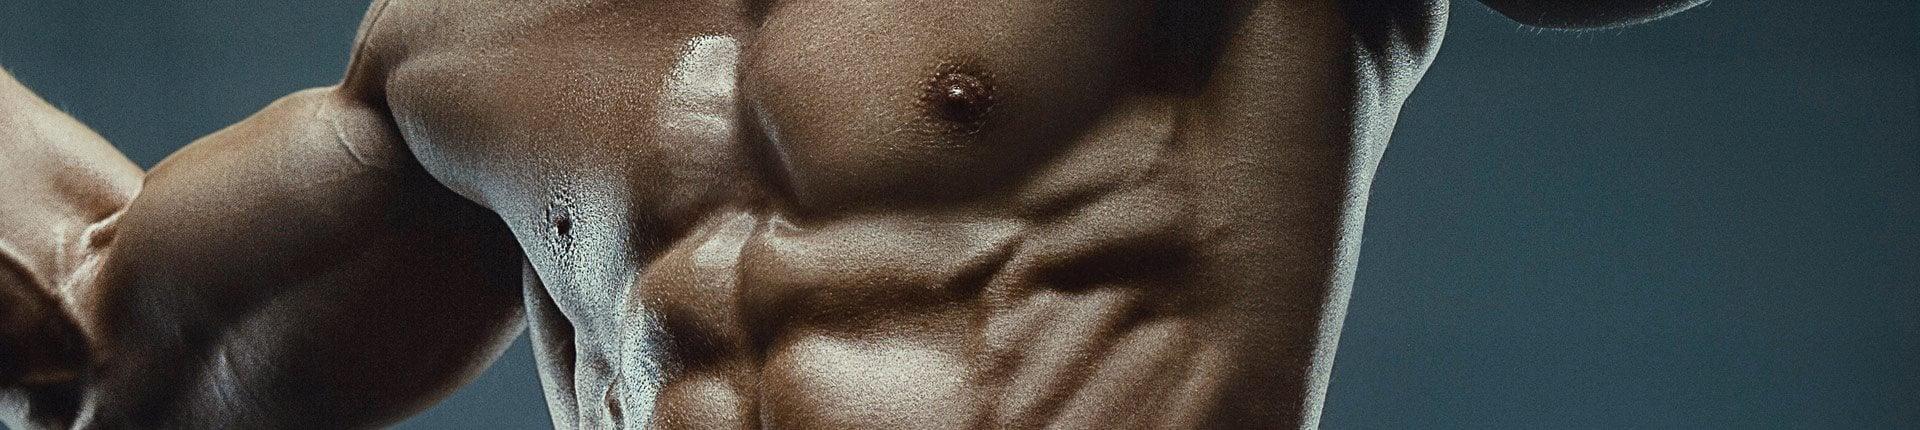 Uszkodzenia mięśni a ich wzrost: o co w tym chodzi?